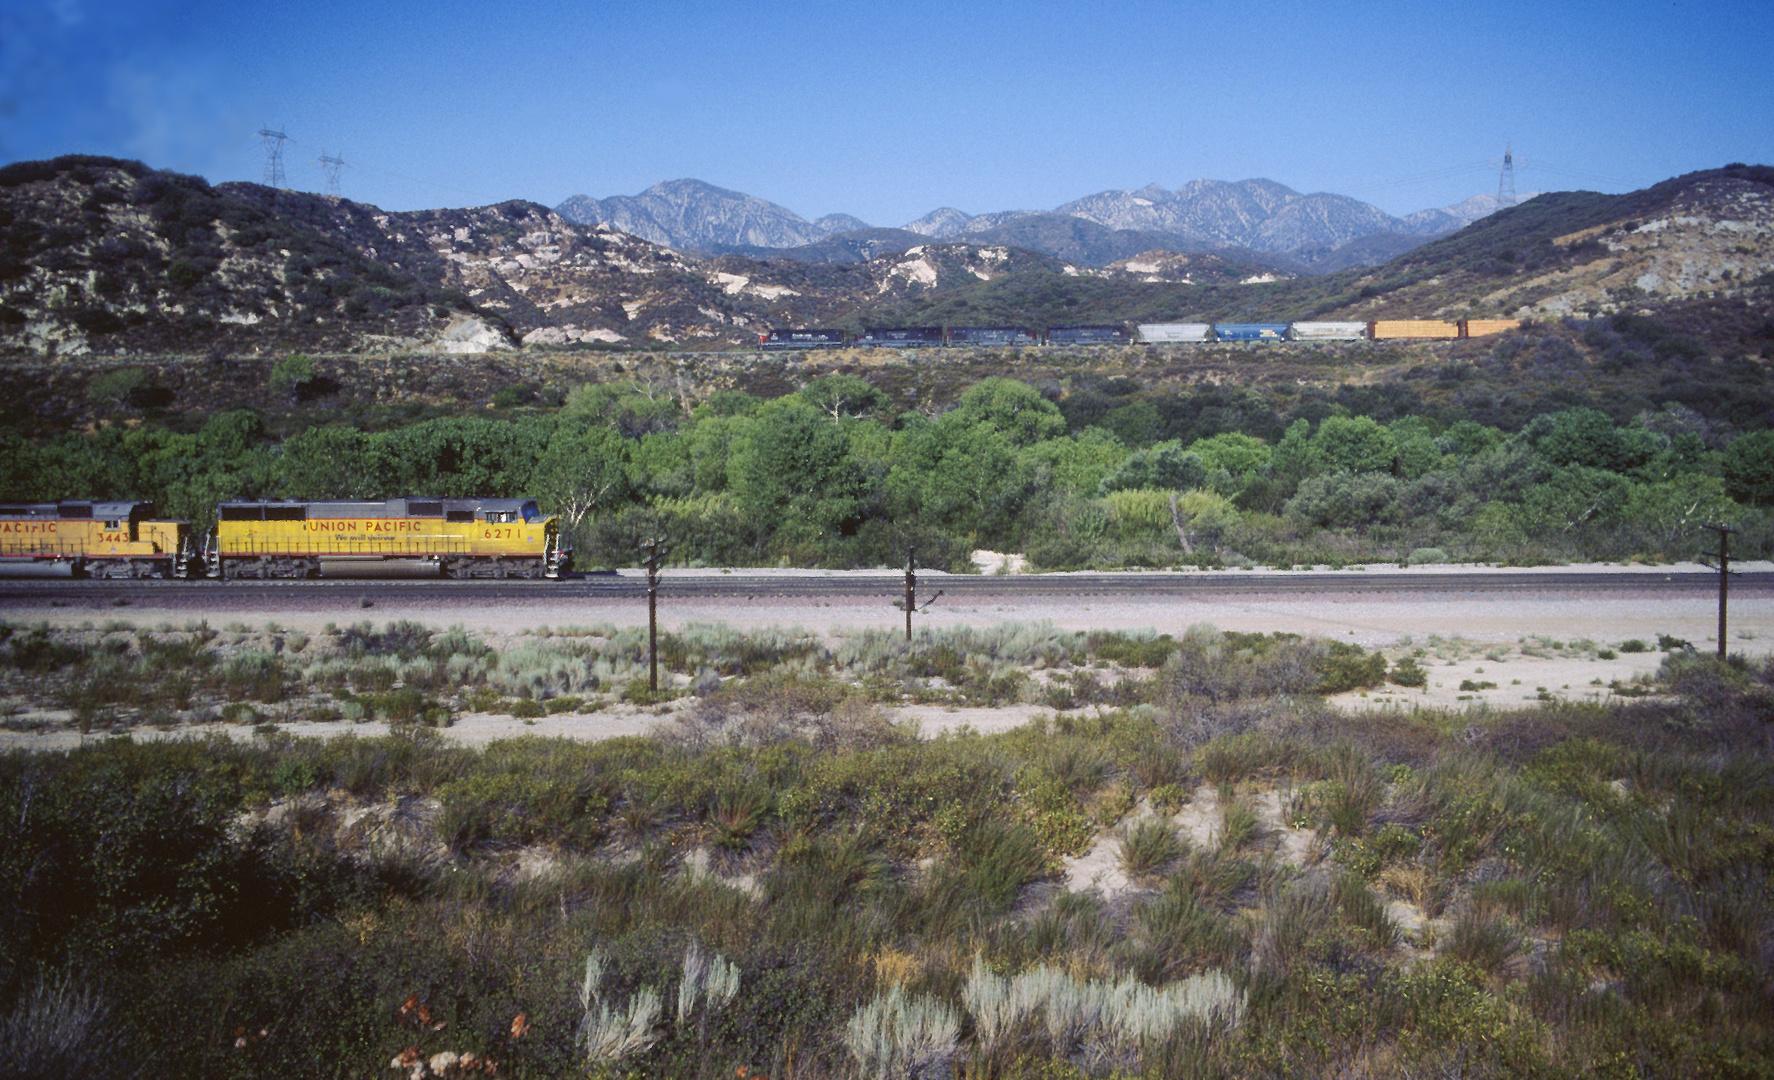 2 Güterzüge begegnen sich in der überwältigenden Landschaft vor dem Cajon Pass, CA